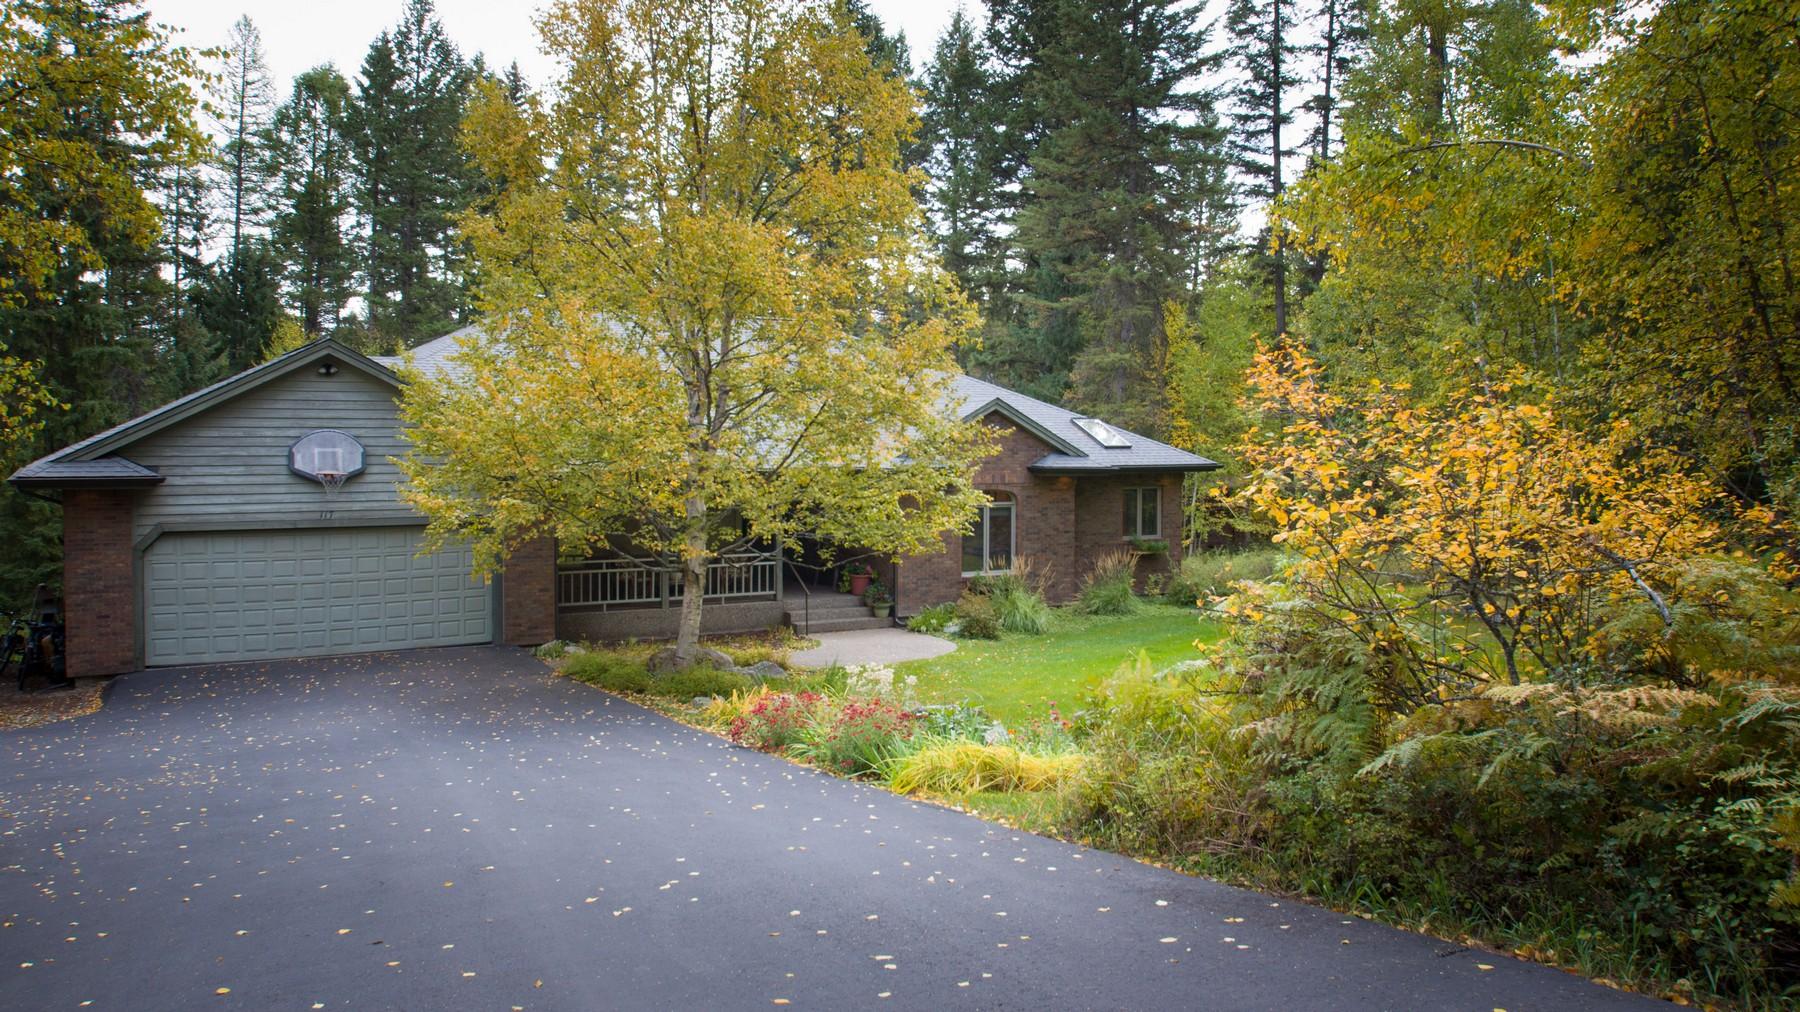 獨棟家庭住宅 為 出售 在 117 Park Knoll Ln , Whitefish, MT 59937 117 Park Knoll Ln Whitefish, 蒙大拿州, 59937 美國